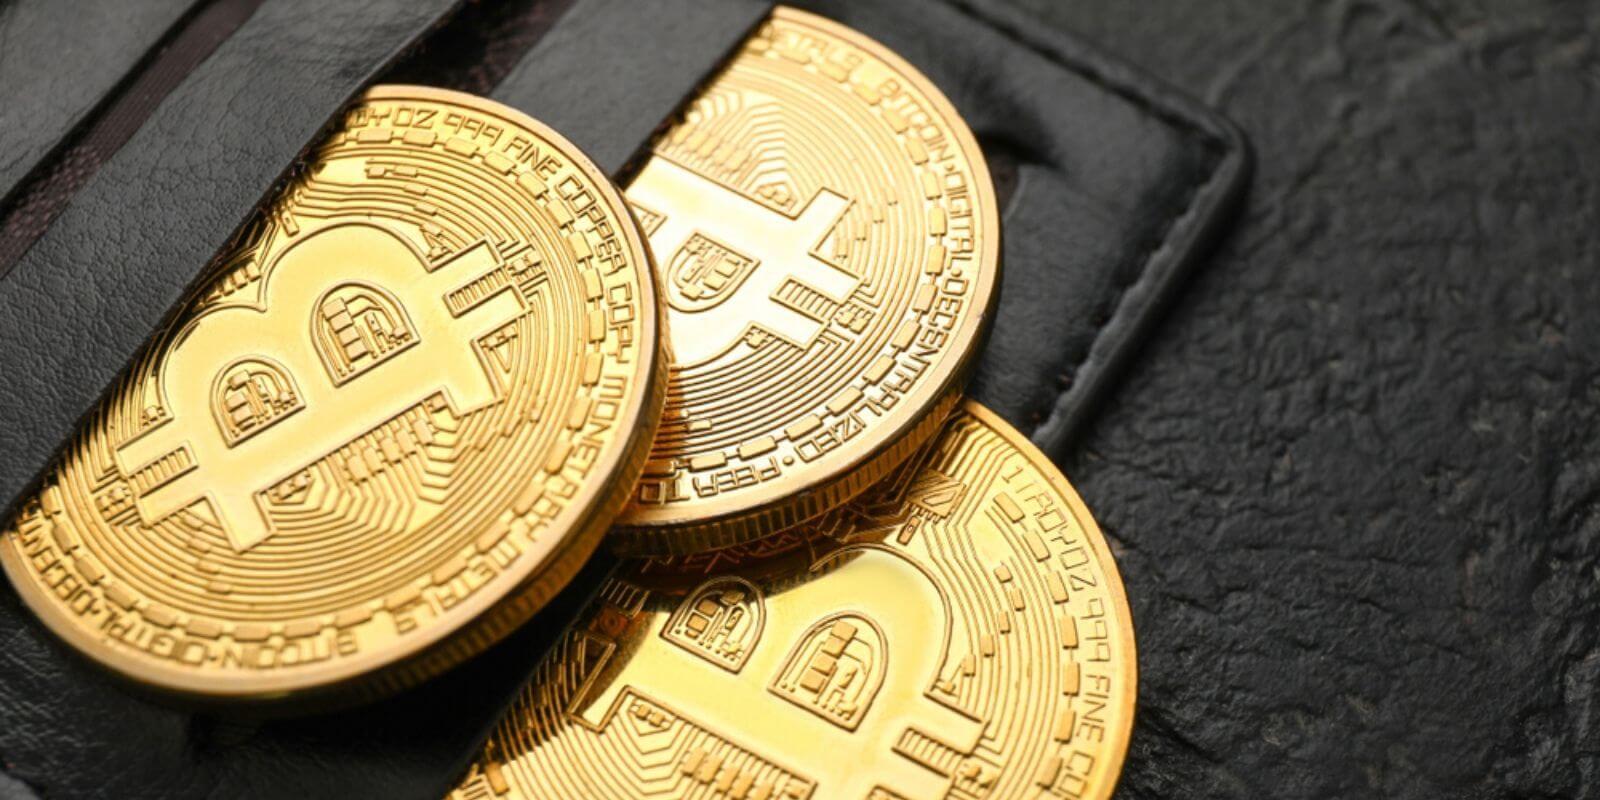 Sondage: les Bitcoiners privilégient les hardware wallets